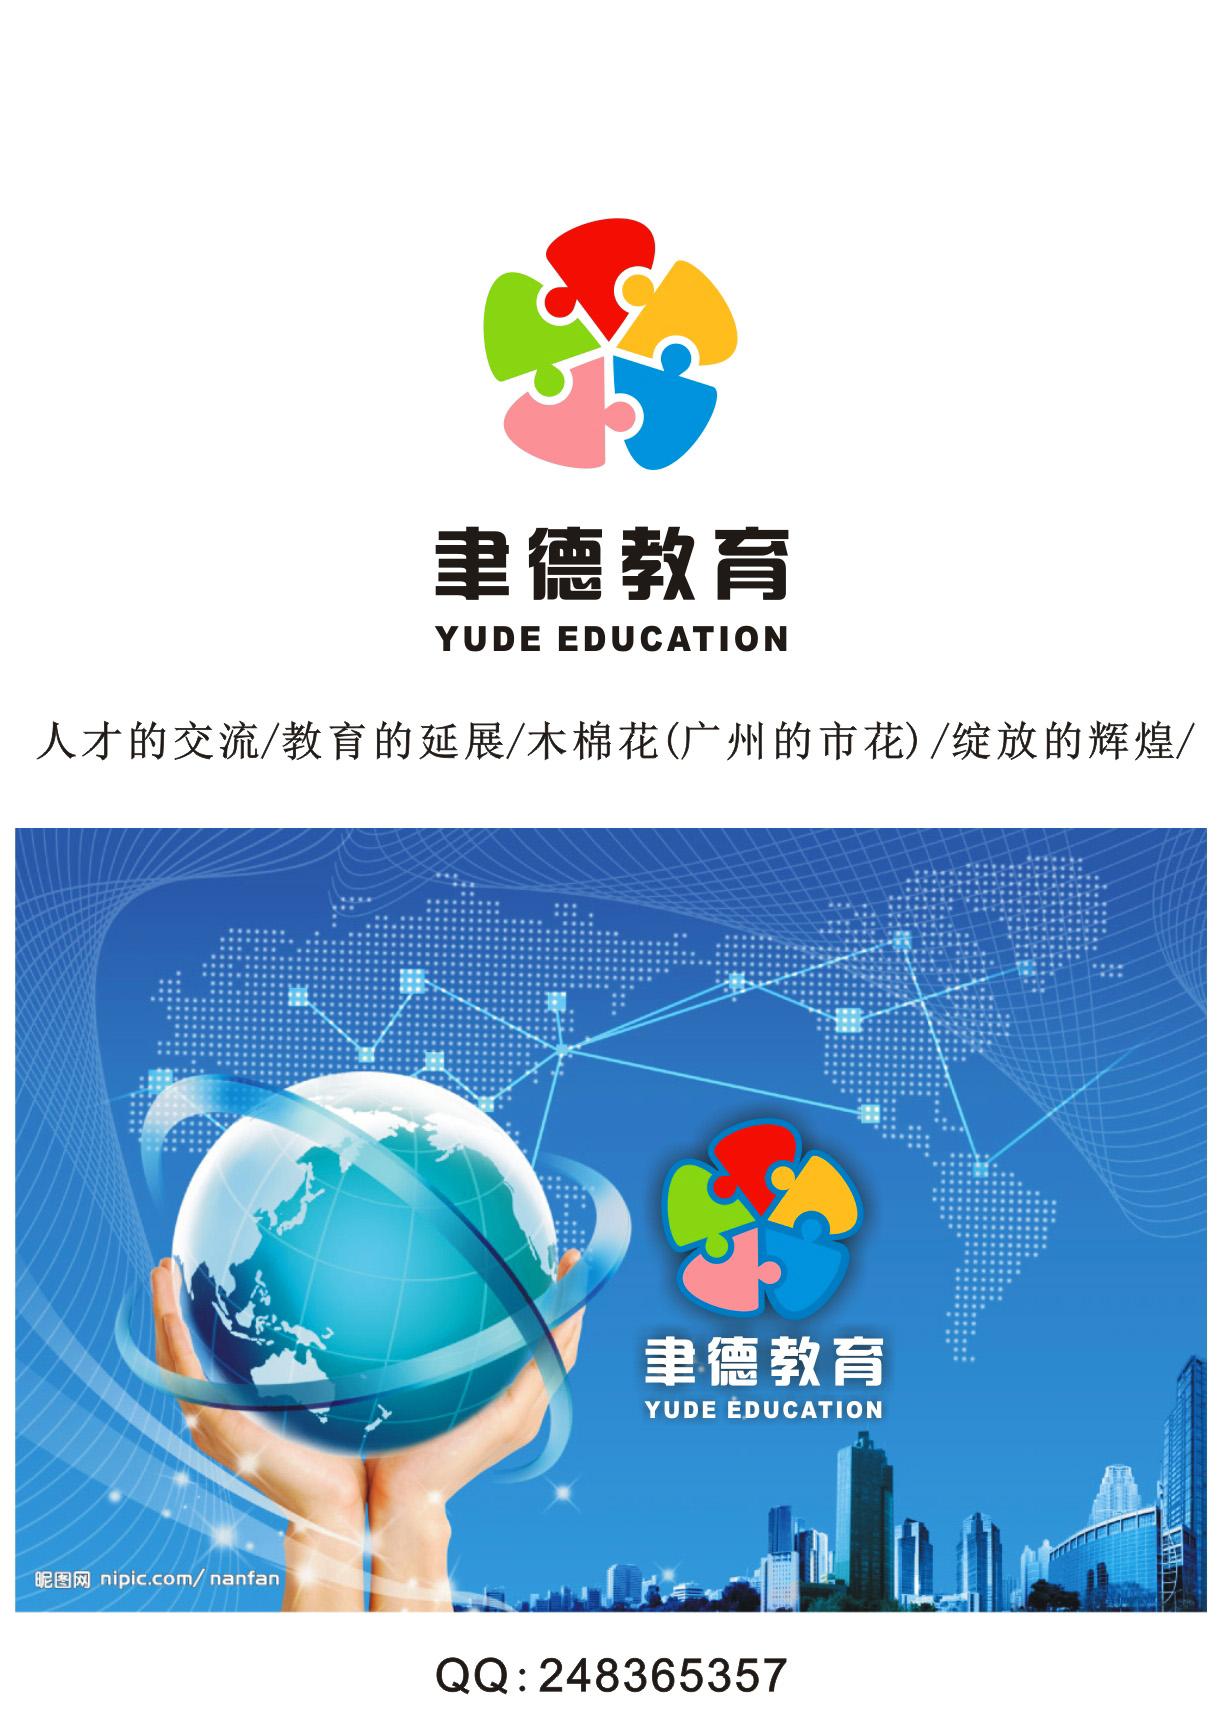 留学咨询公司标志设计_2963949_k68威客网